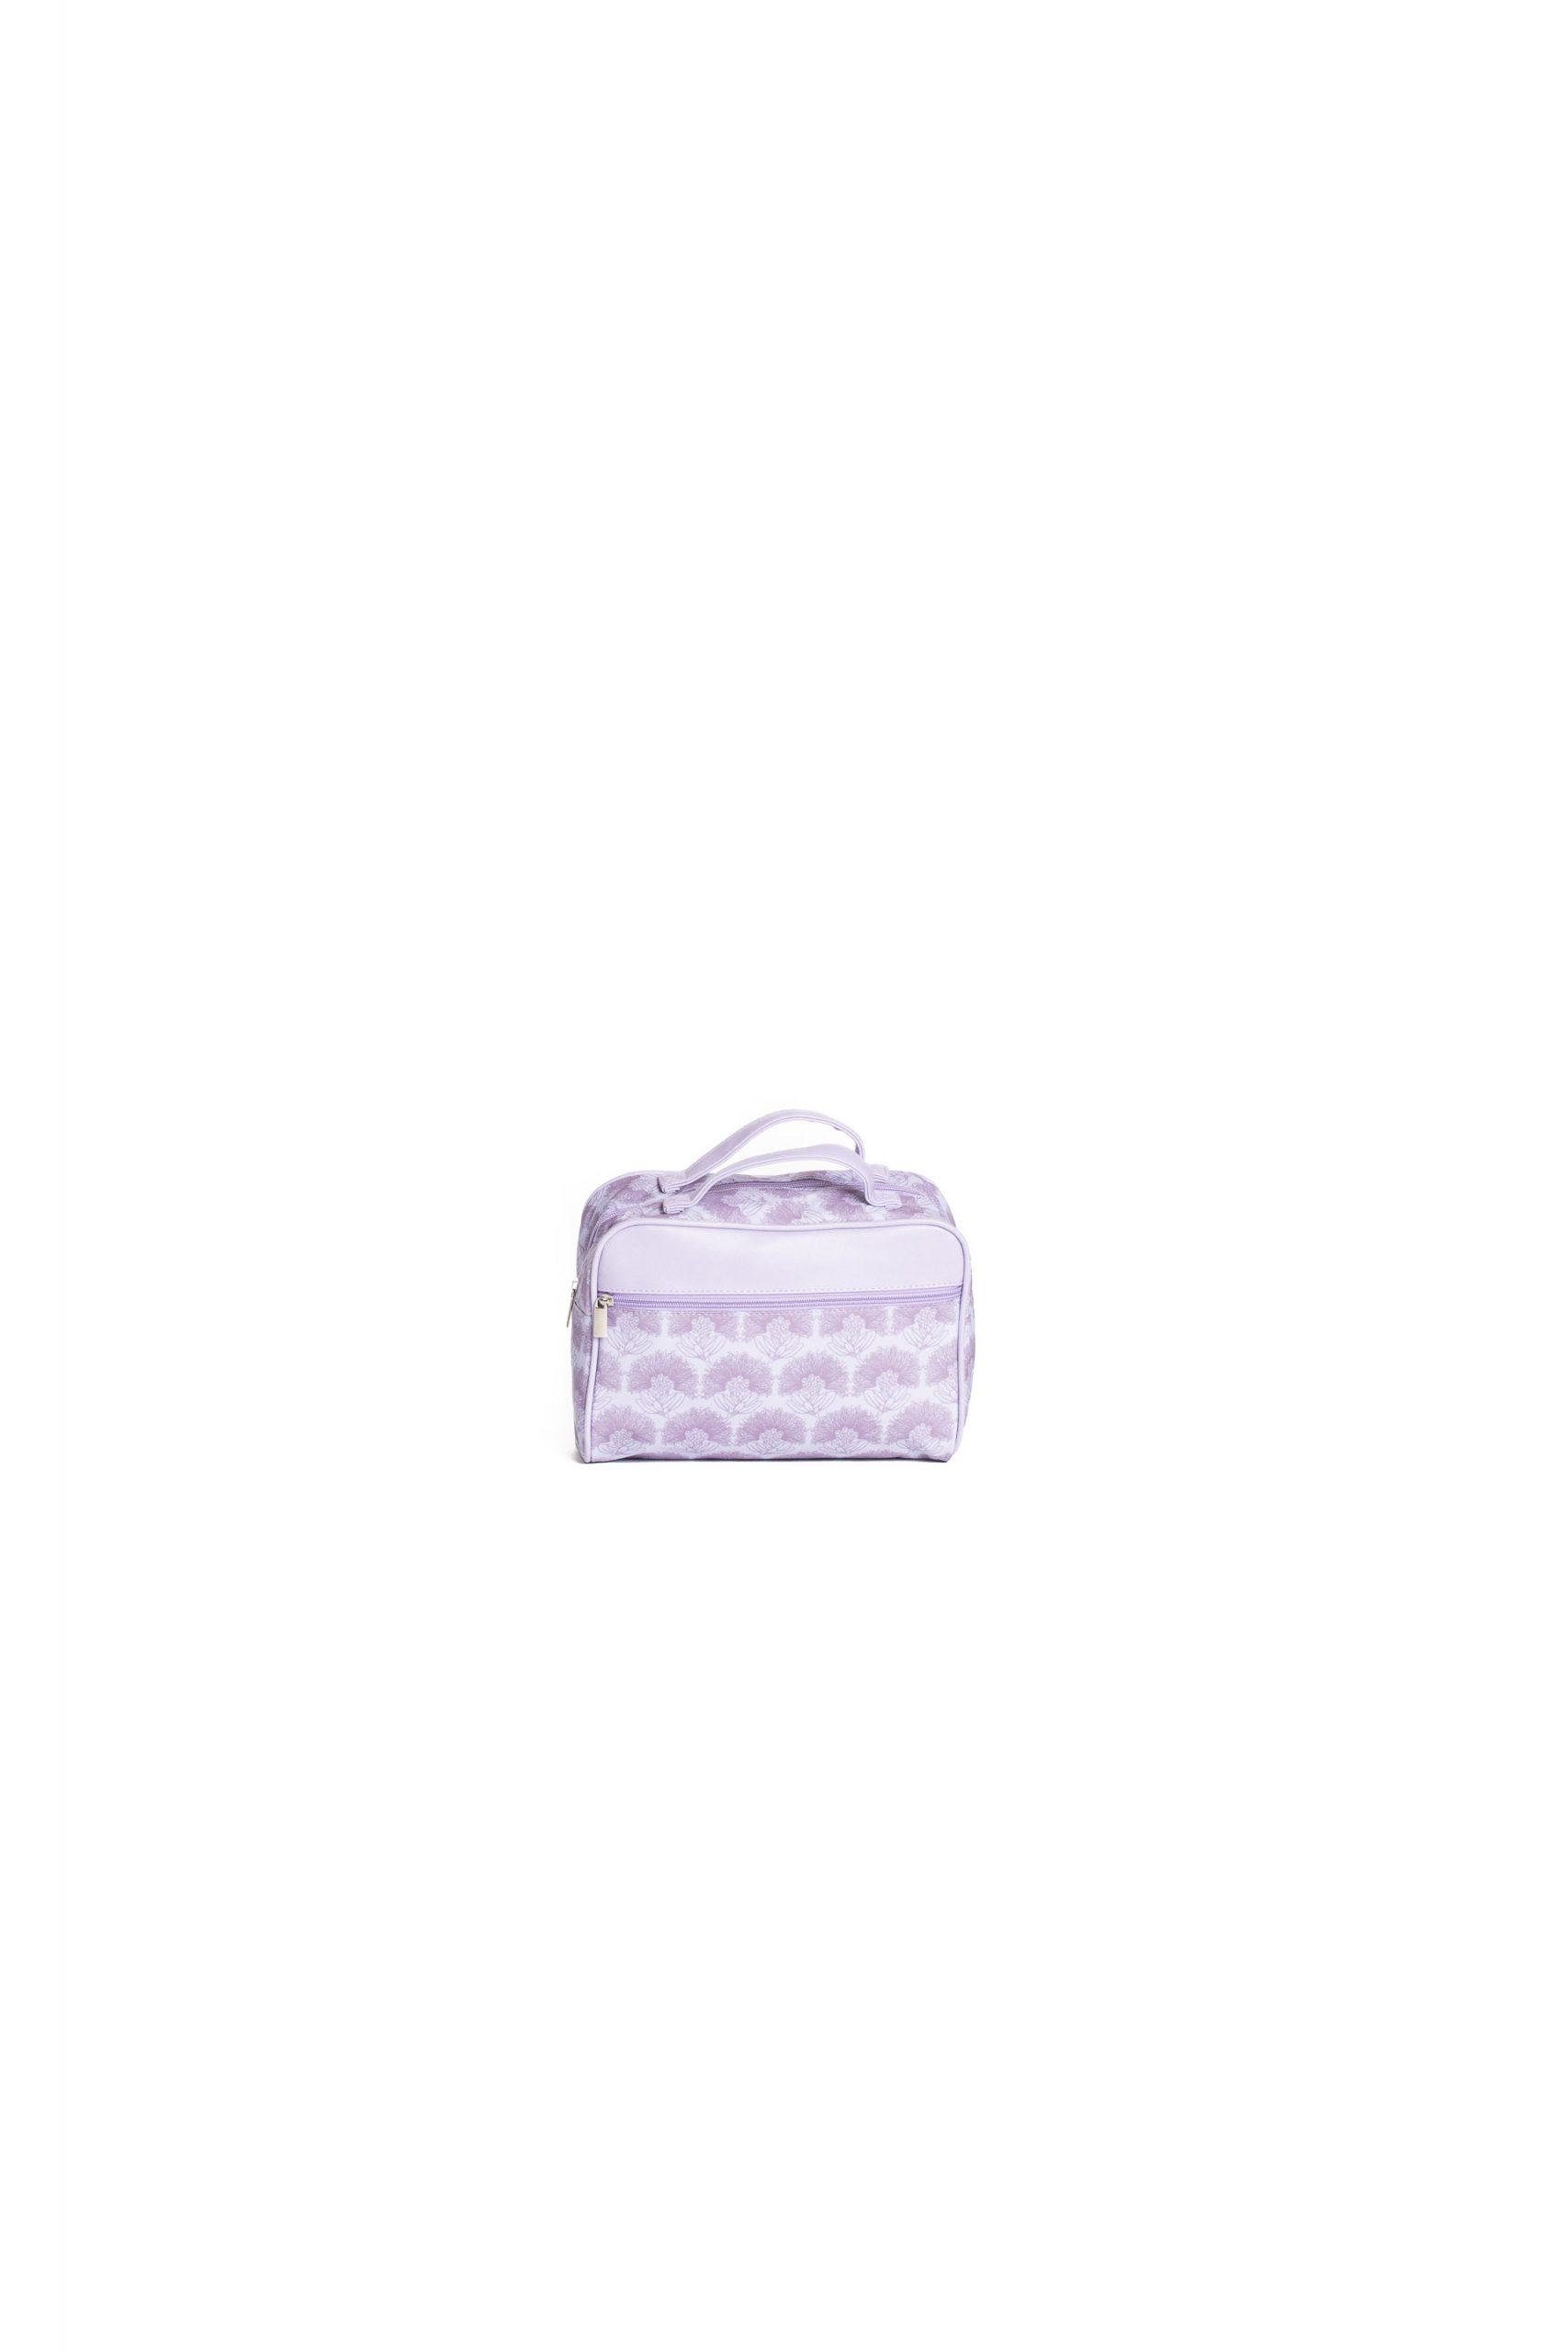 Auau Wash Bag in Purple